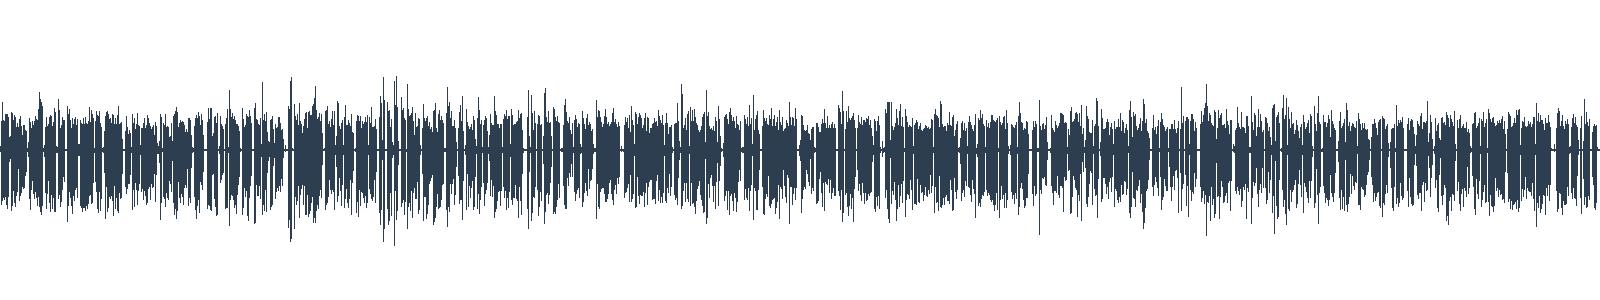 Mikulášove prestávky waveform